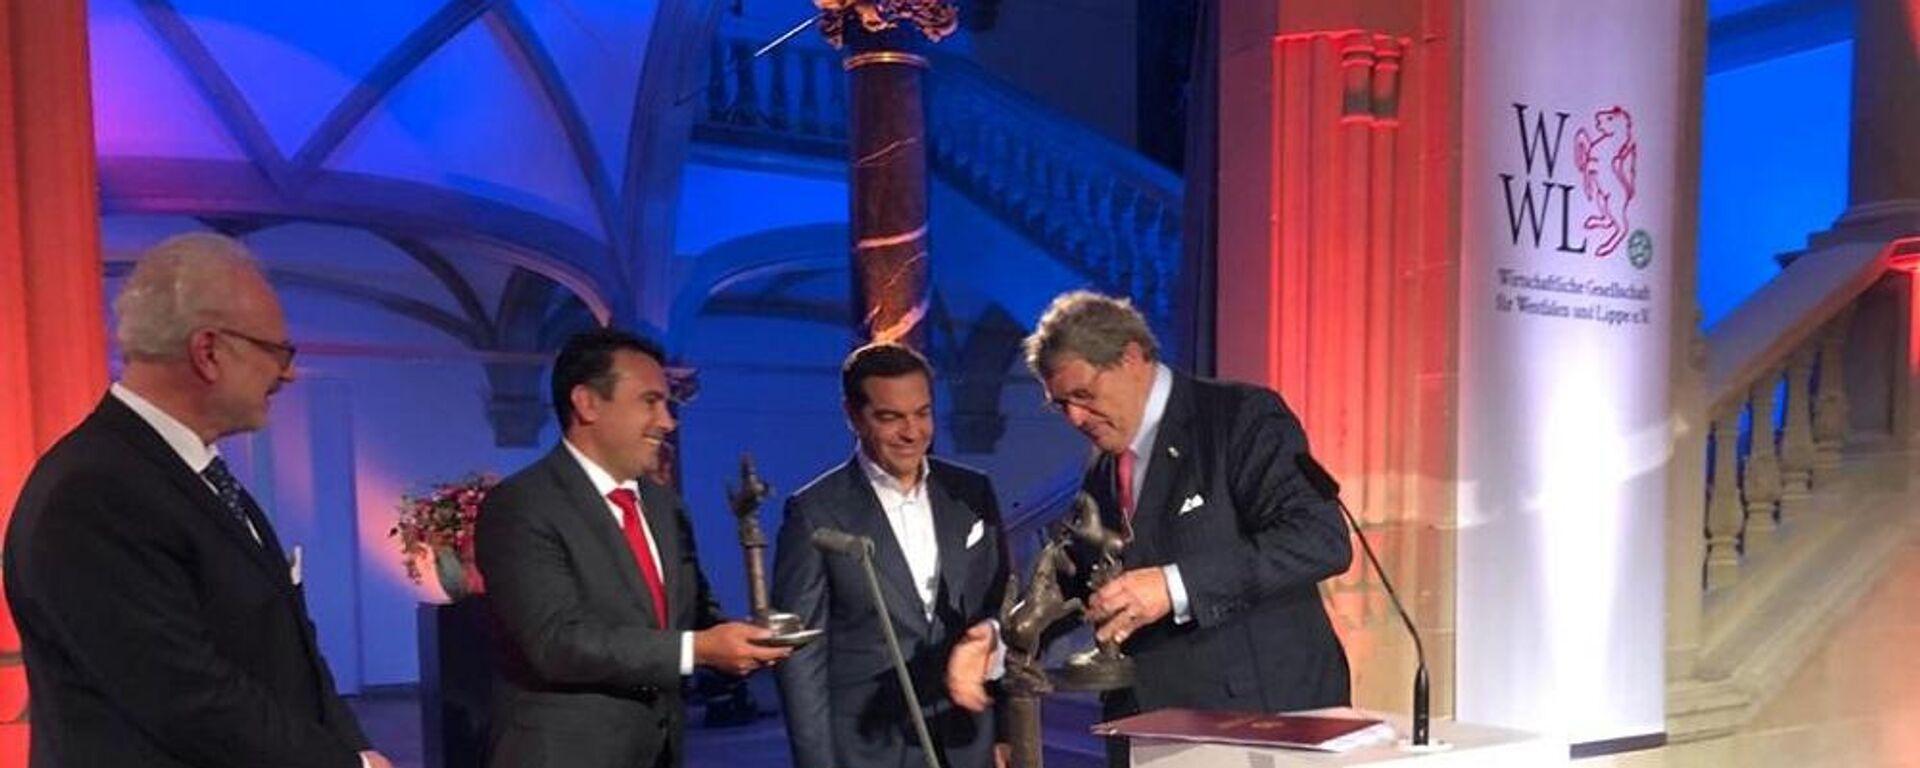 Το διεθνές Βραβείο Ειρήνης της Βεστφαλίας παρέλαβε ο Αλέξης Τσίπρας και ο Ζόραν Ζάεφ  - Sputnik Ελλάδα, 1920, 01.10.2021